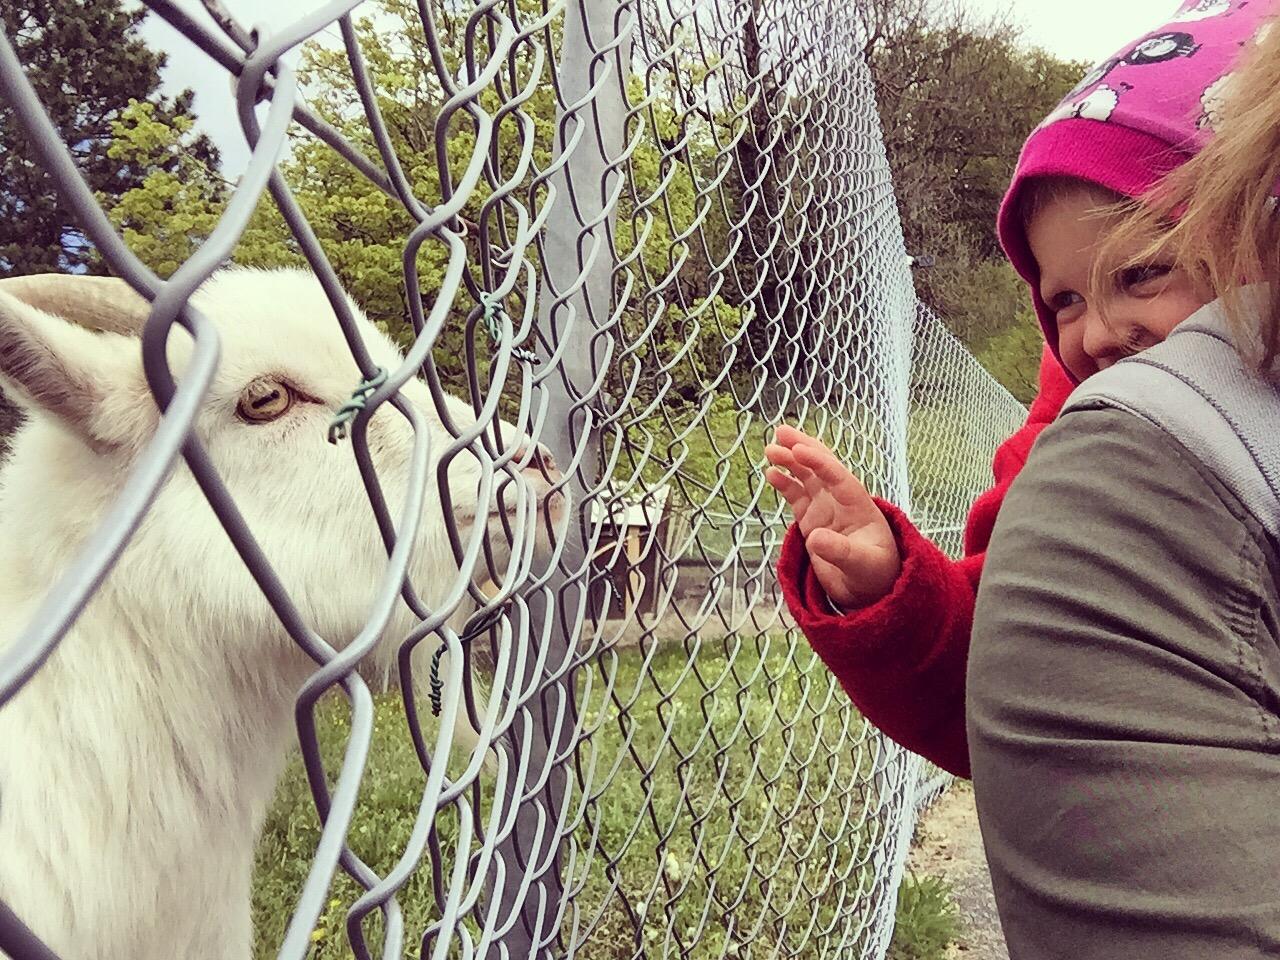 Er is een kinderboerderij aan het openen, de dieren zijn er al!